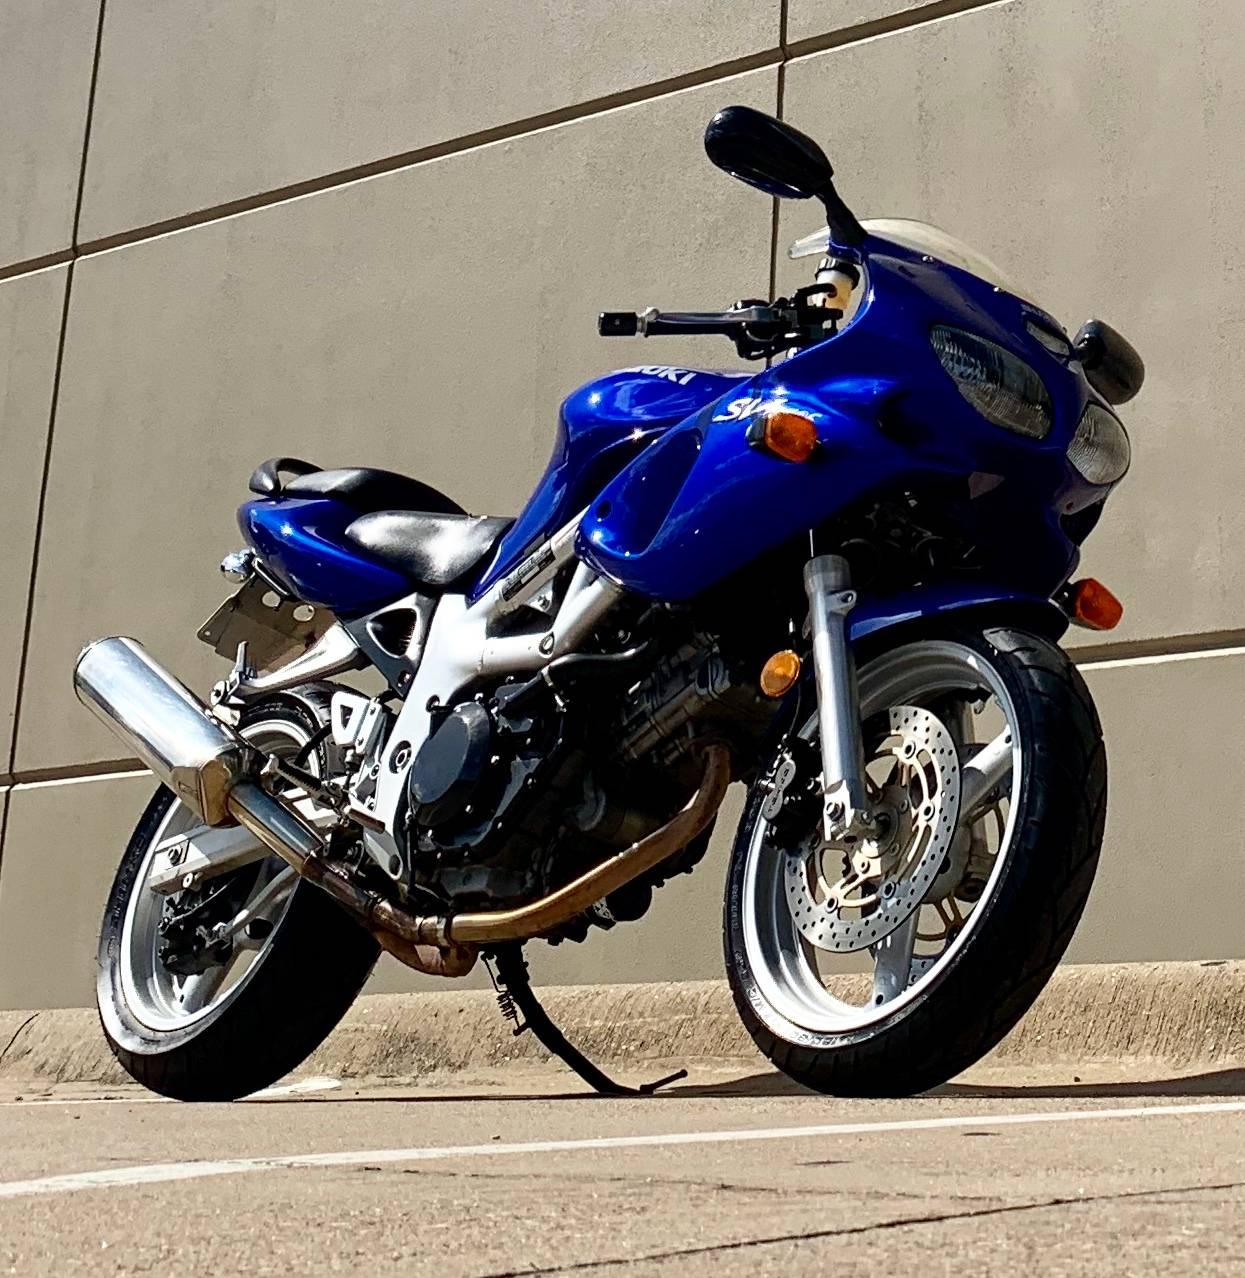 2002 Suzuki SV650 for sale 151454